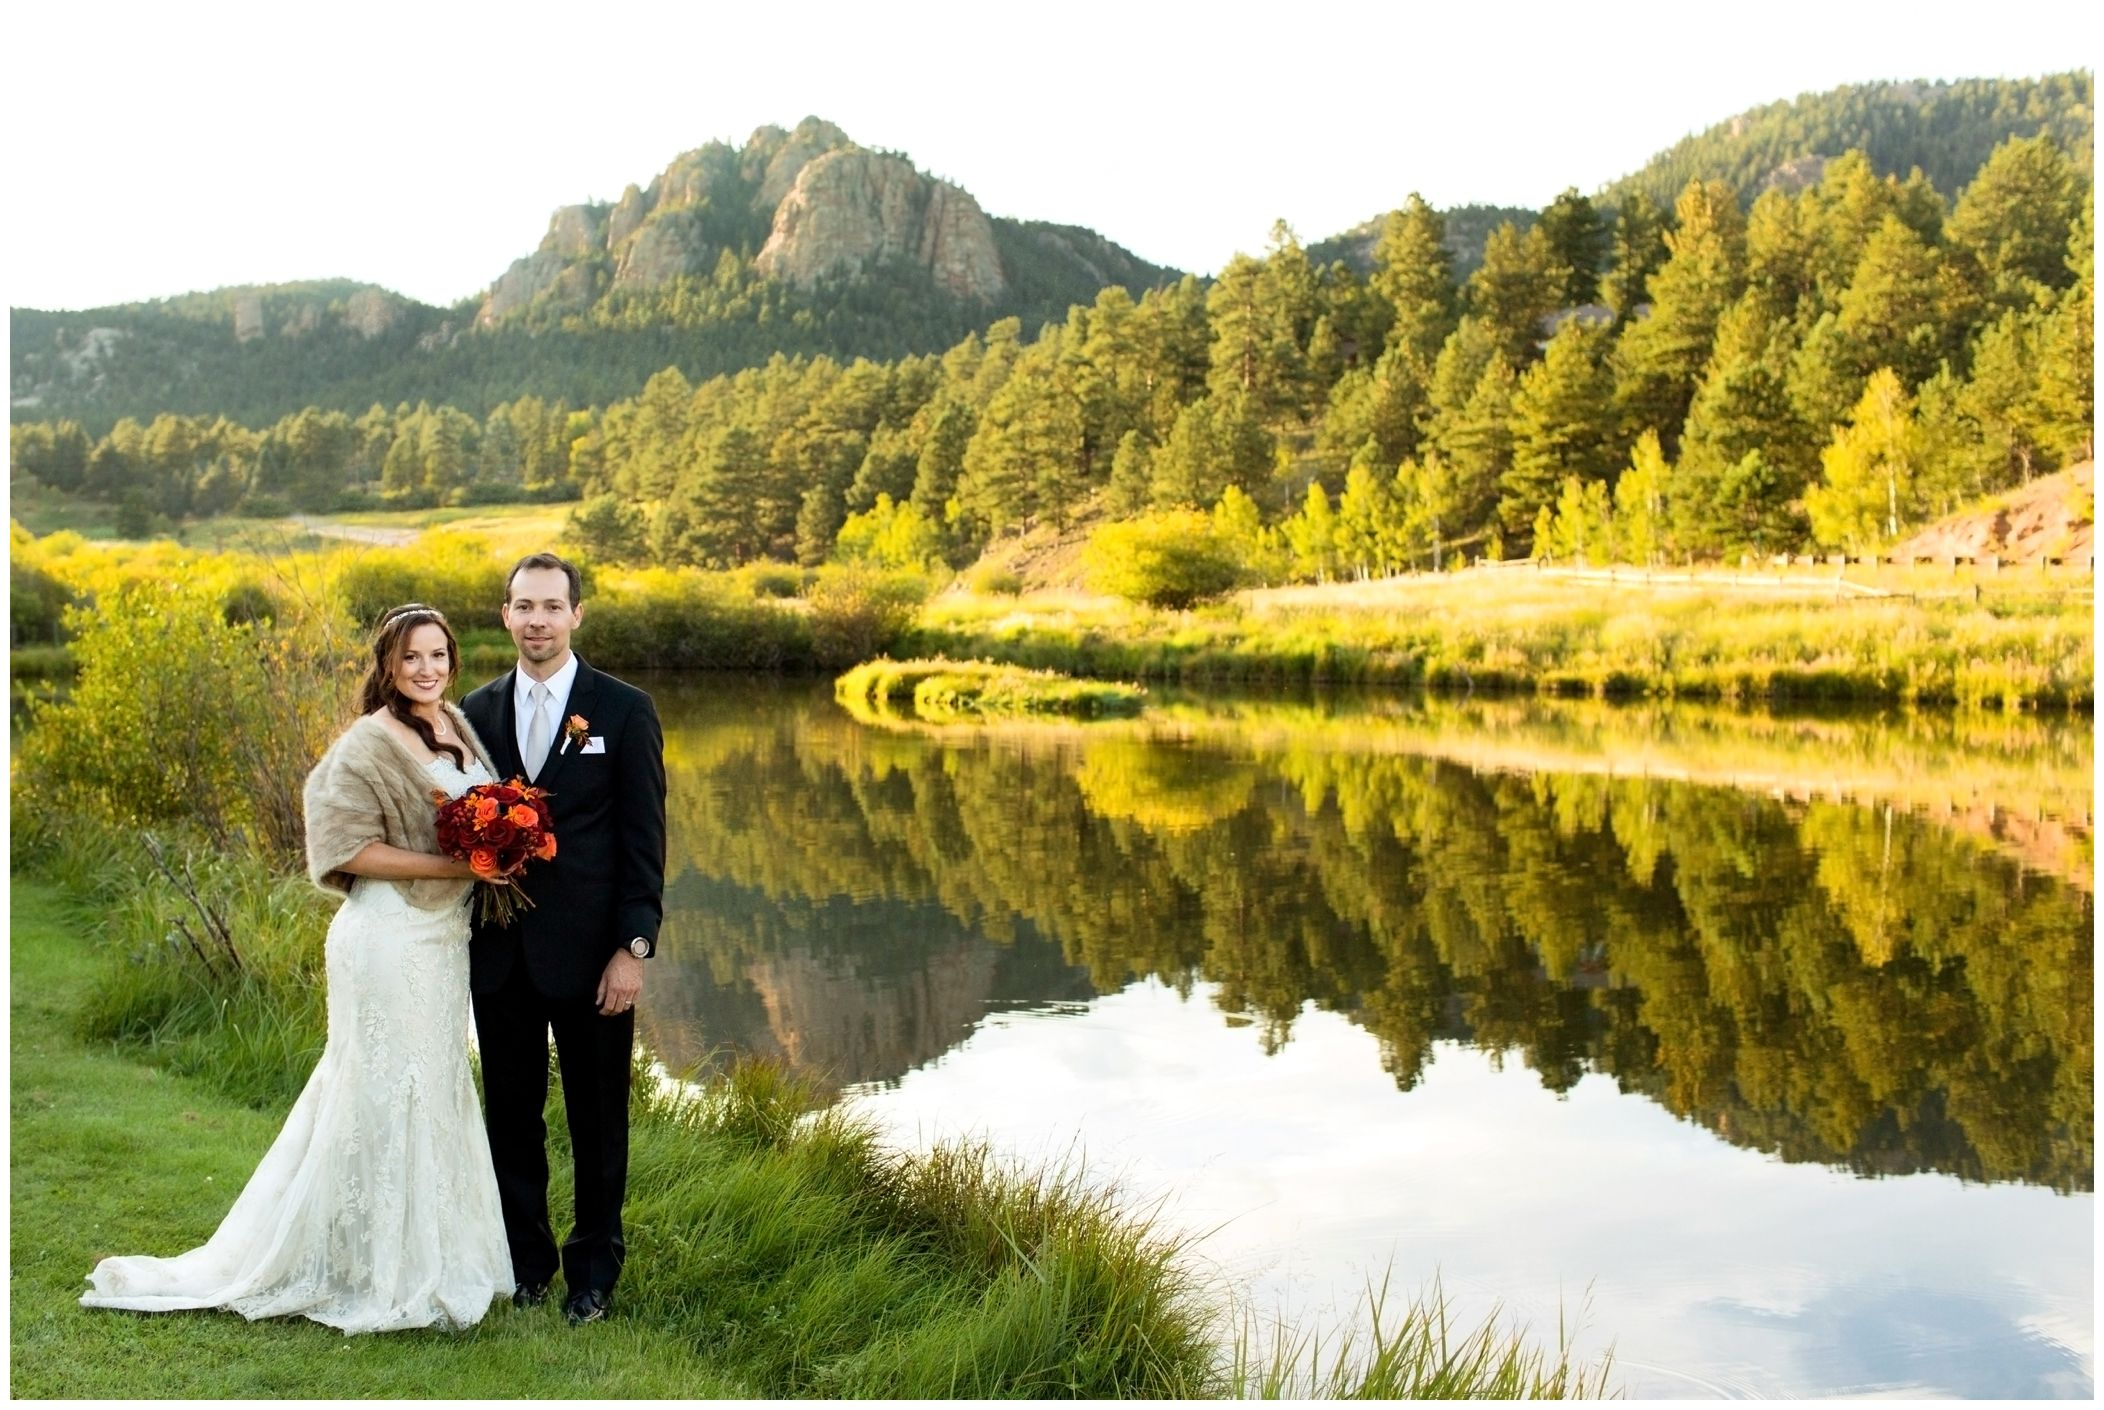 Lower Lake Ranch Wedding Colorado wedding venues